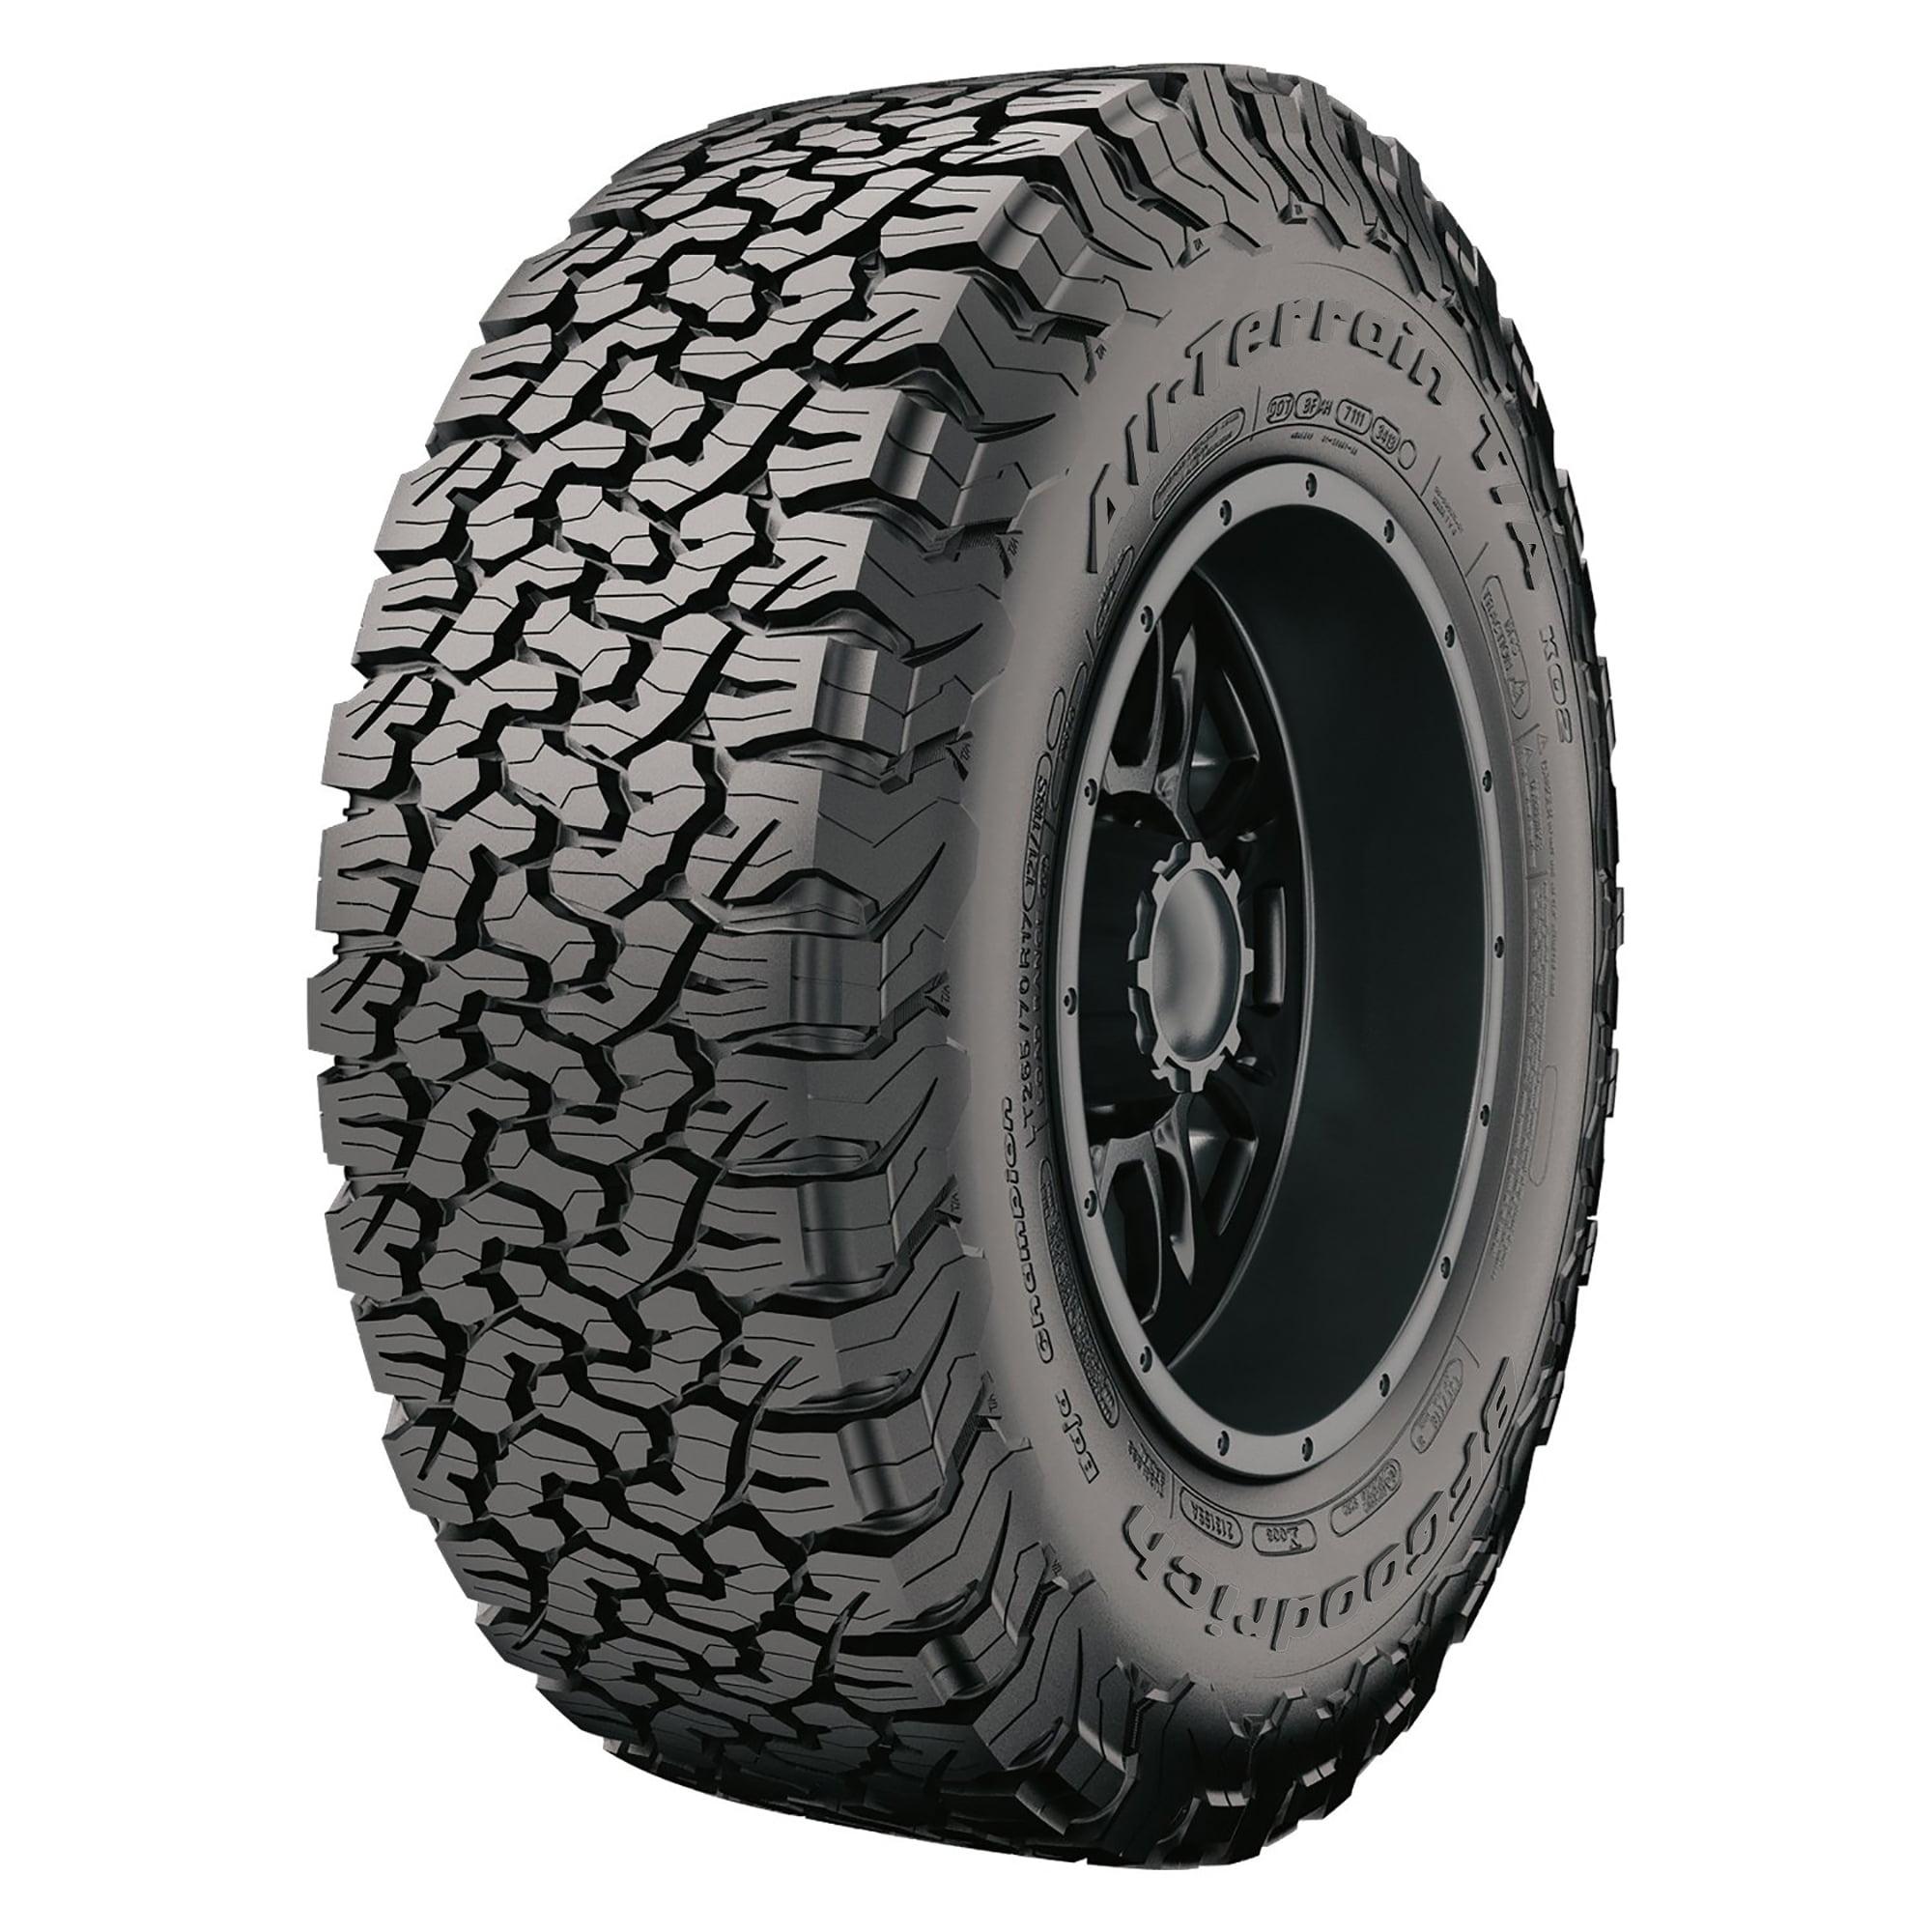 BFGoodrich All-Terrain T/A KO8 Tire 8x18.8R80/E 8S - Walmart.com